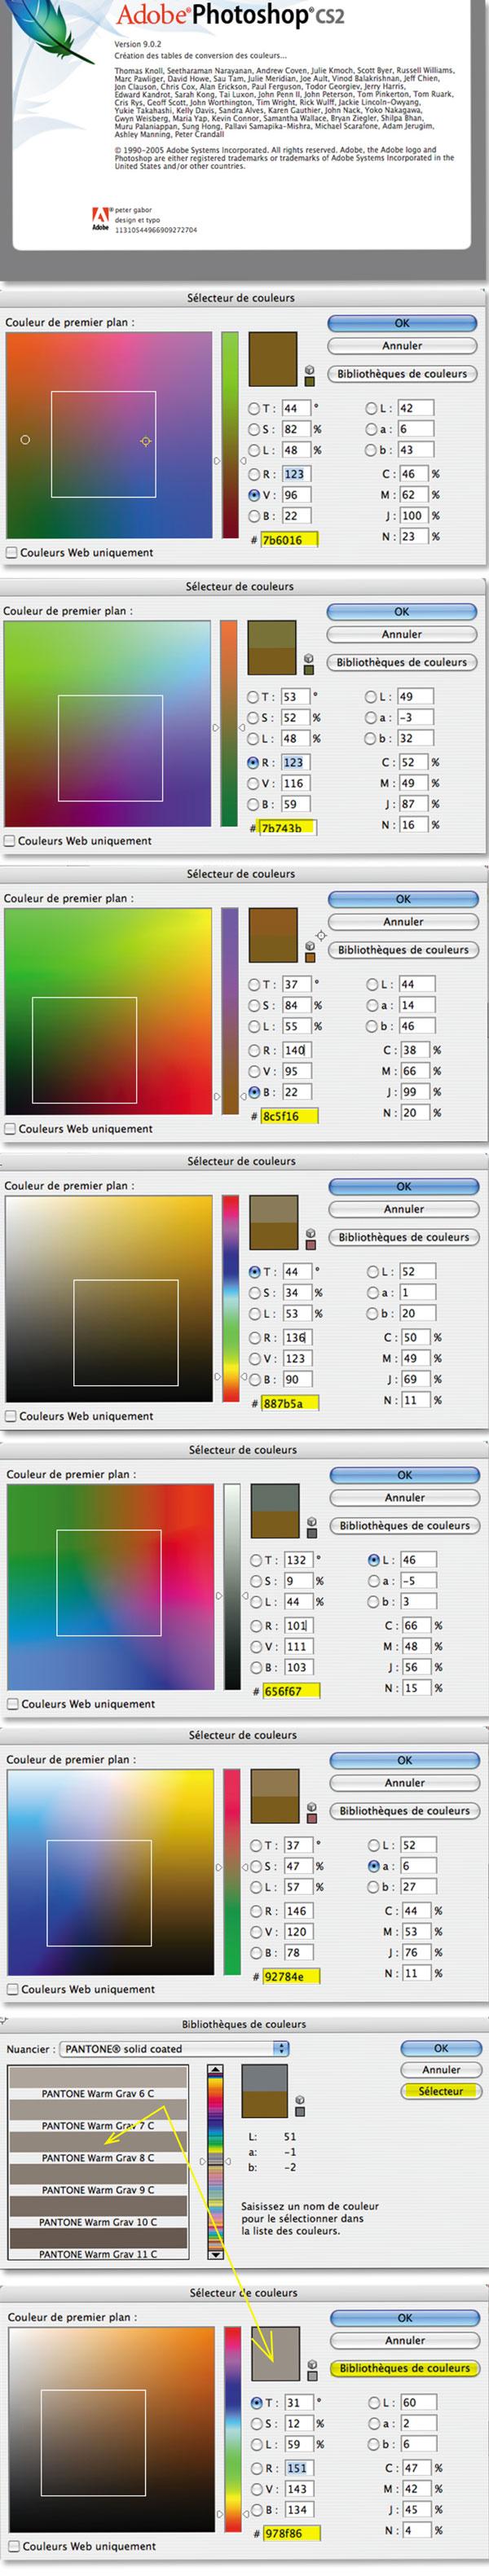 comment mettre un cadre autour d une photo dans photoshop